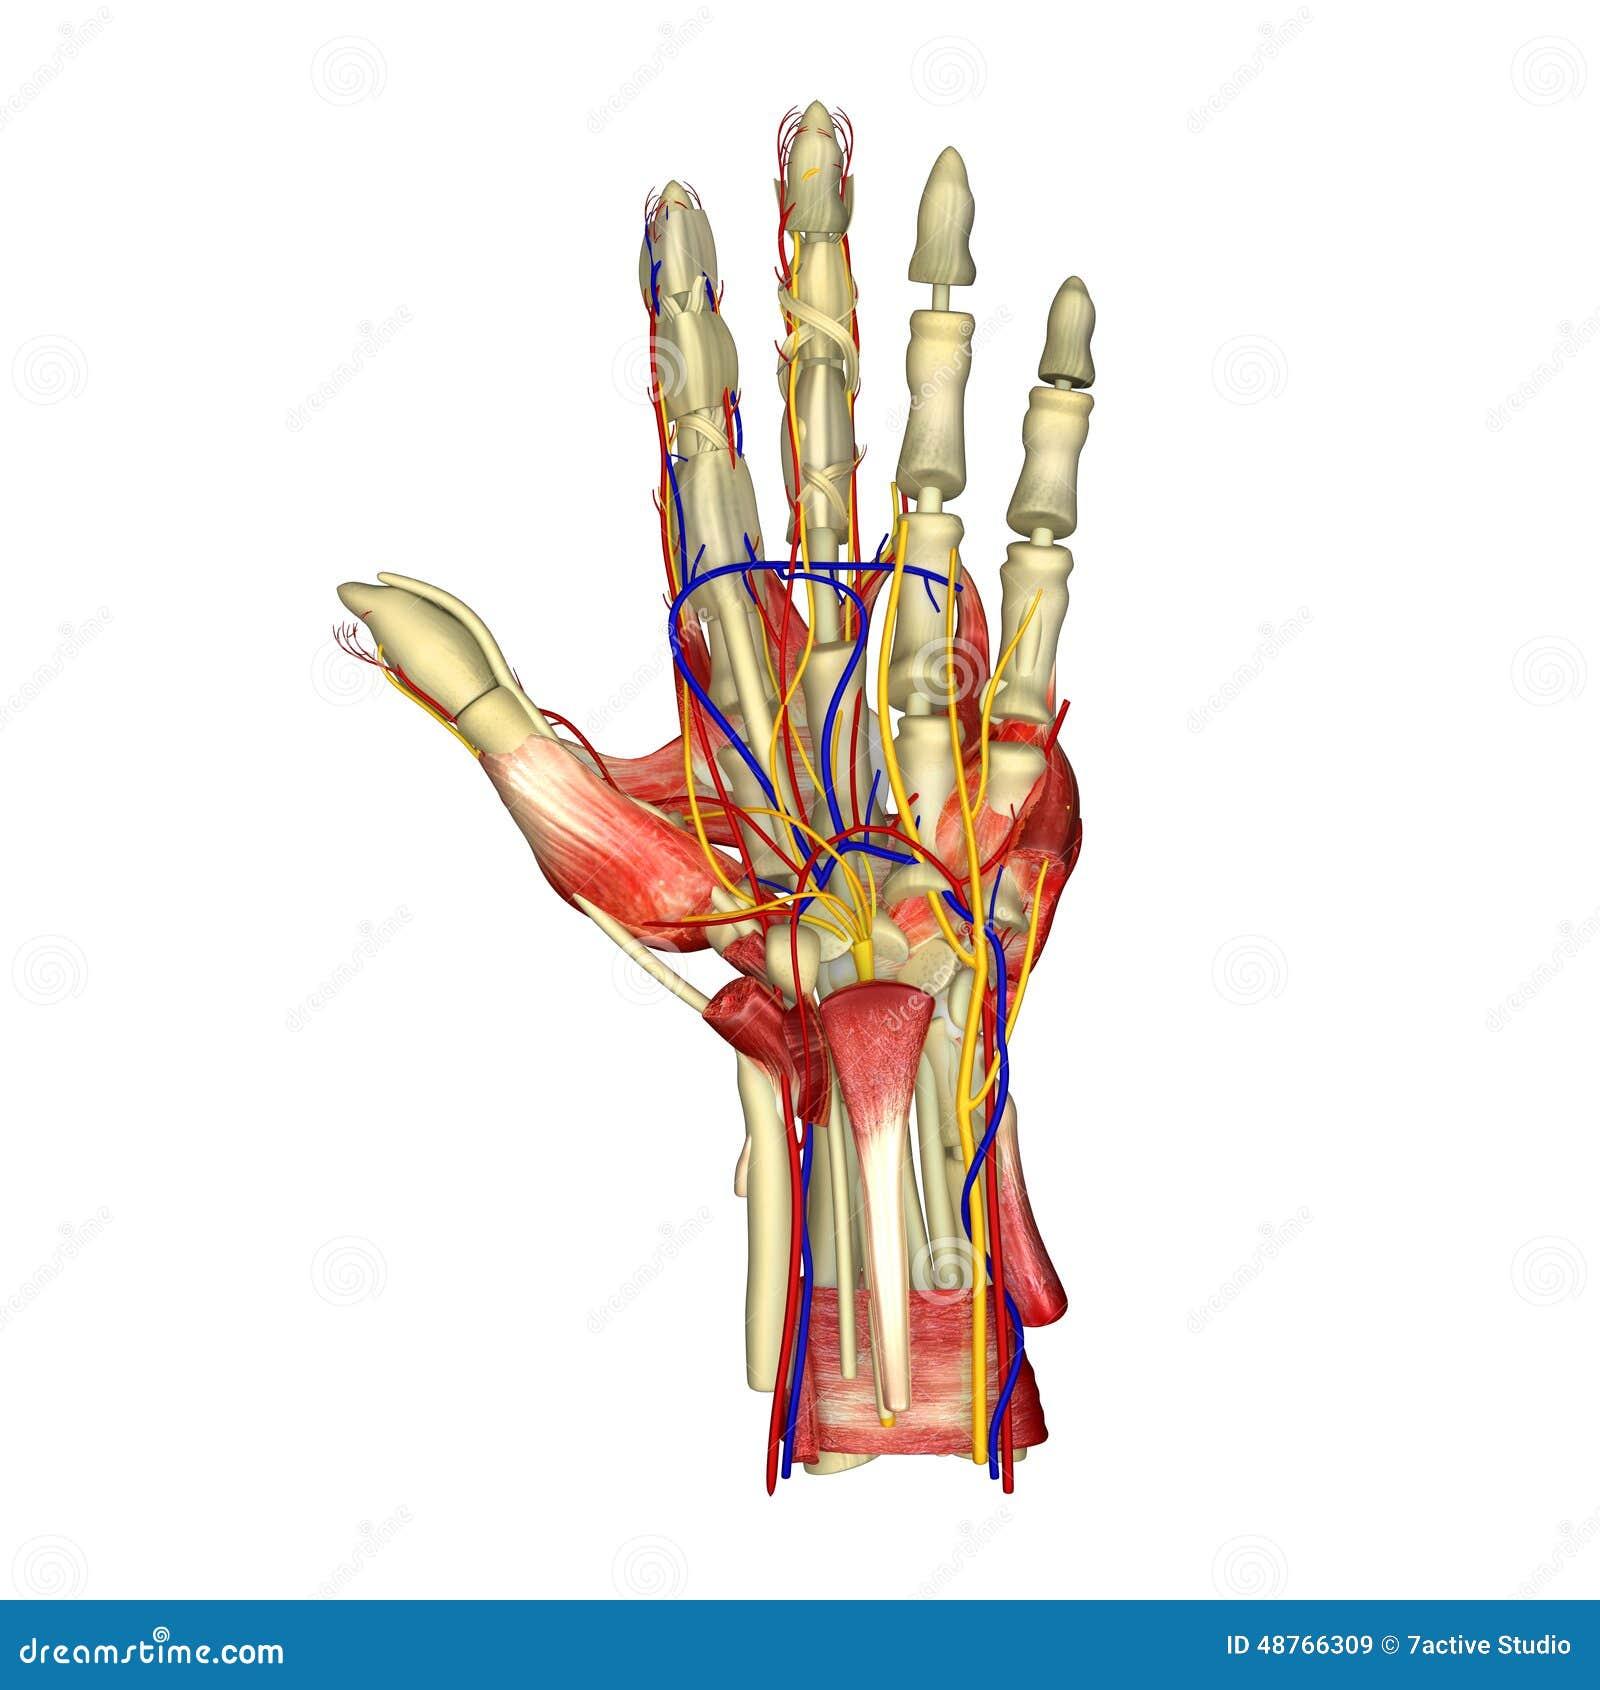 Anatomia de la mano pdf to jpg